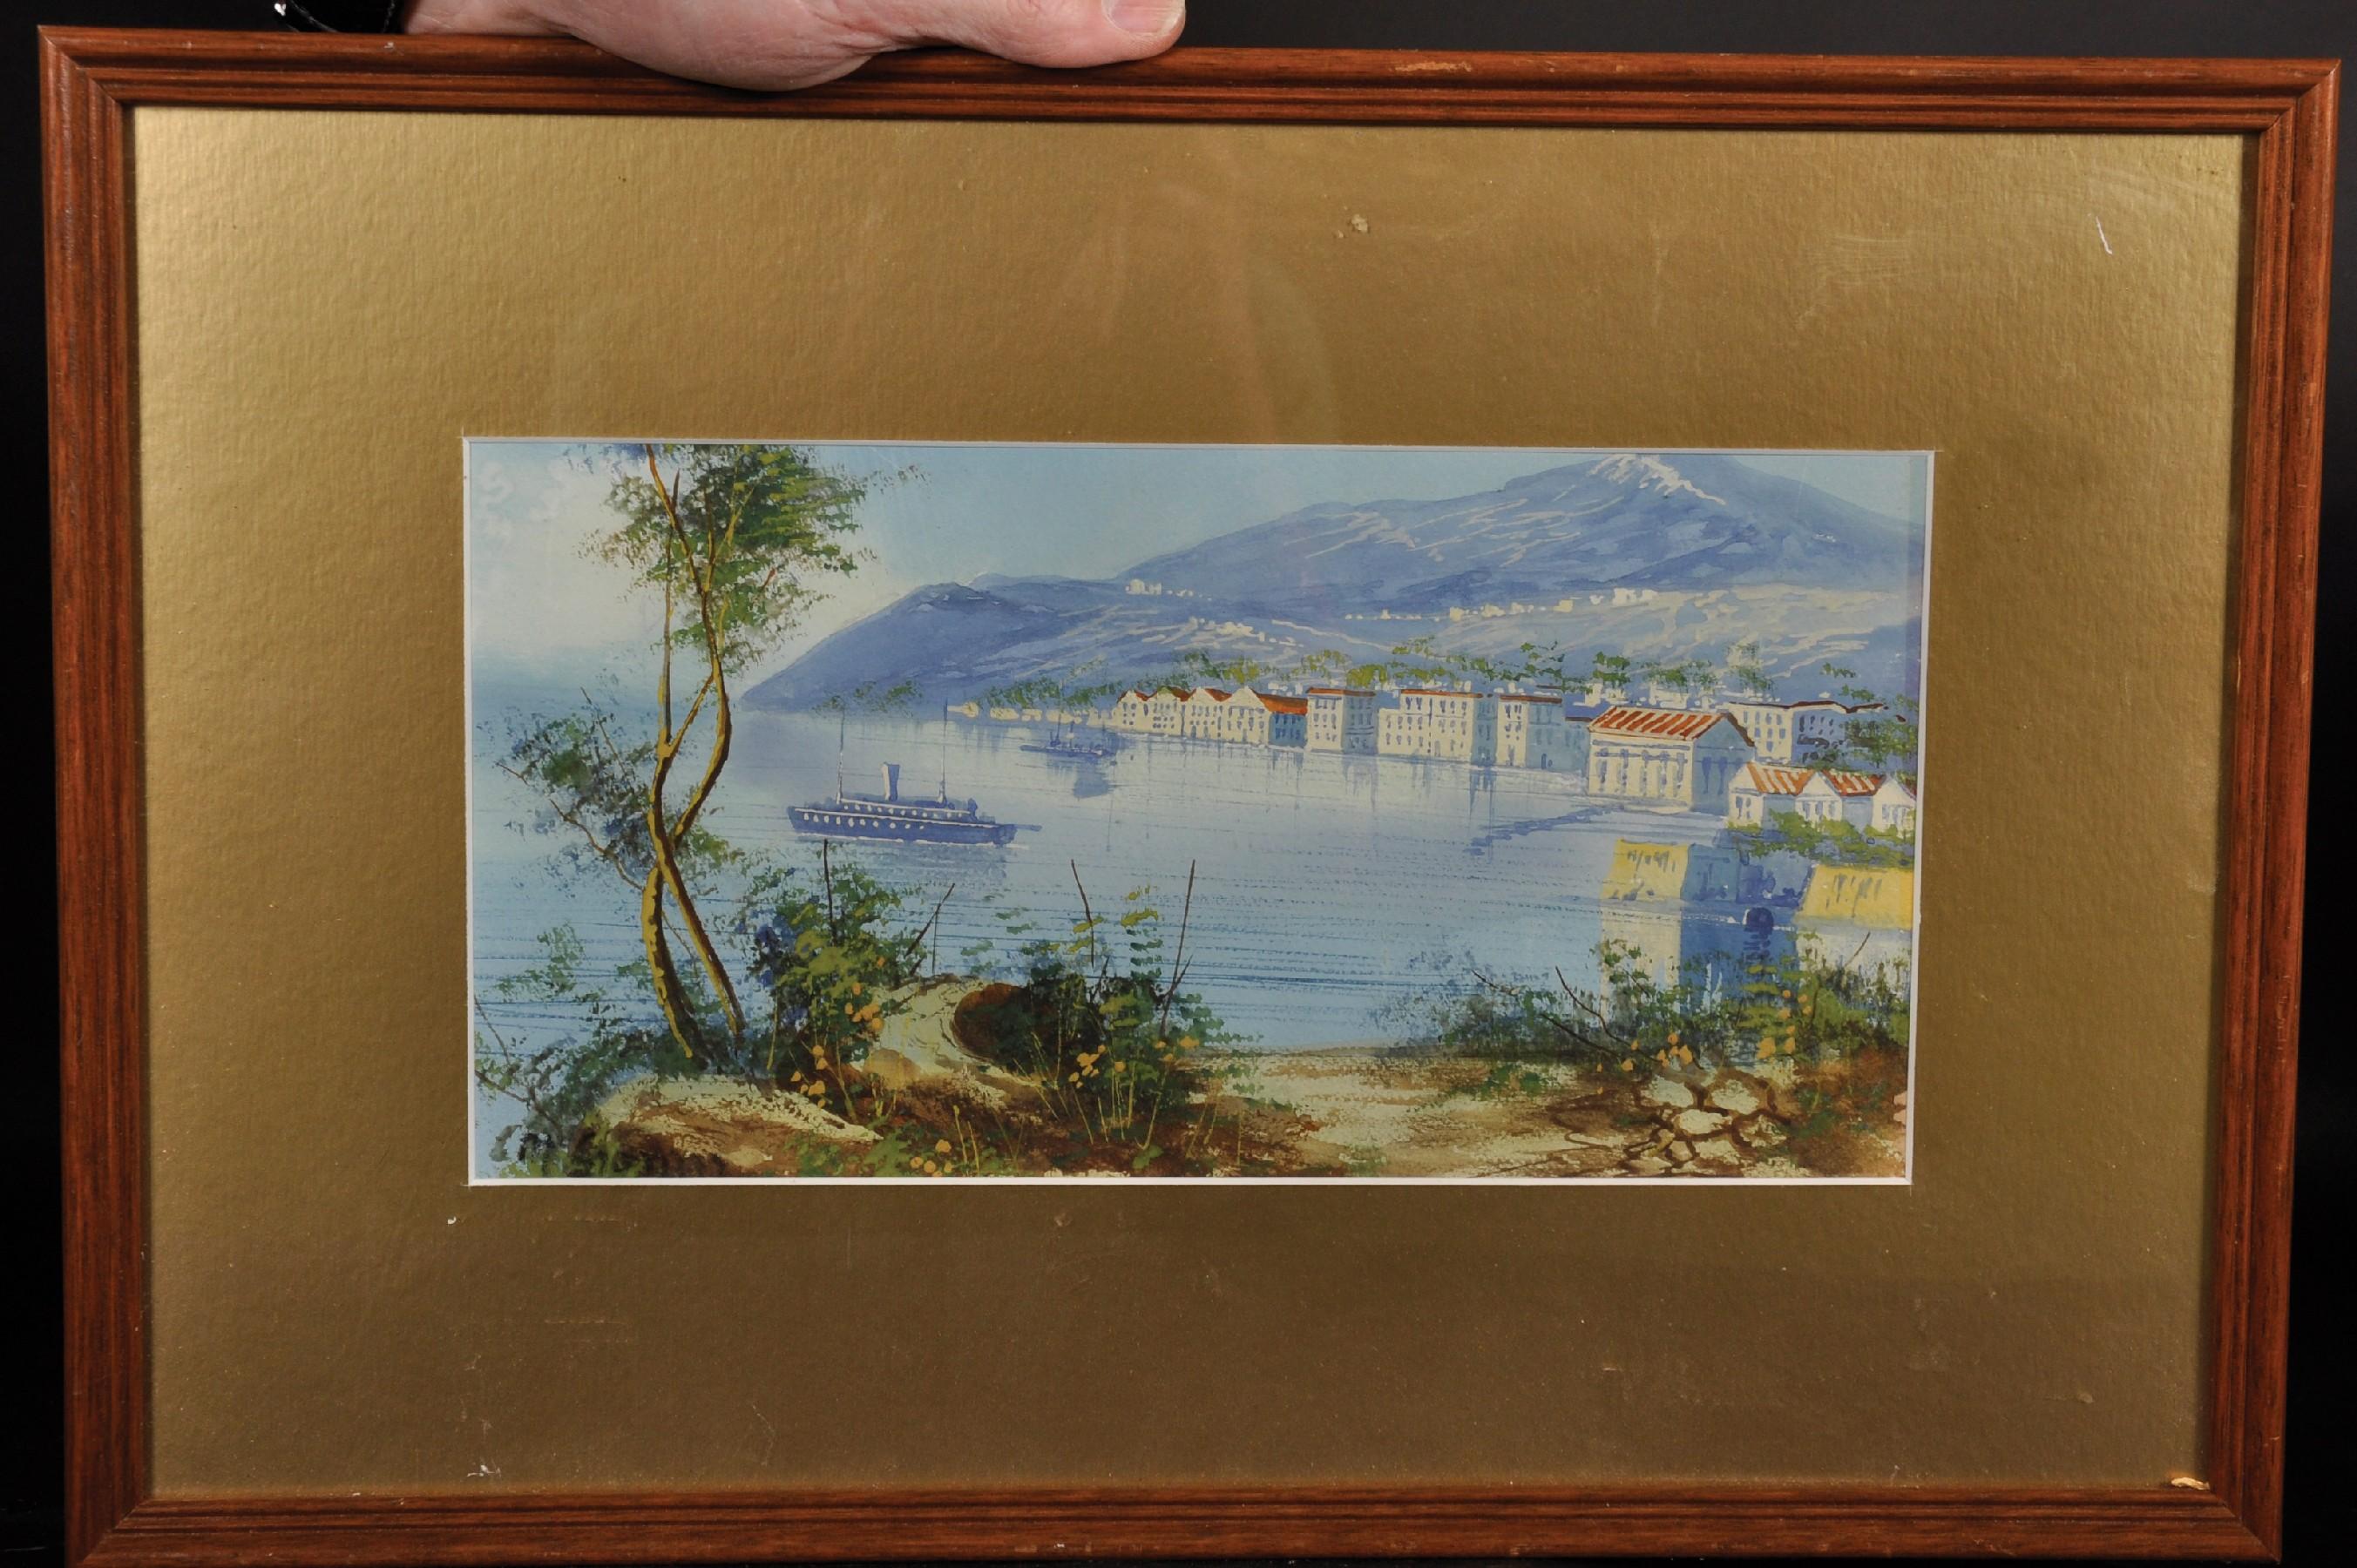 """Maria Gianni (1873-1956) Italian. A Coastal Scene, Watercolour, Signed, 6.25"""" x 12.25"""". - Image 2 of 4"""